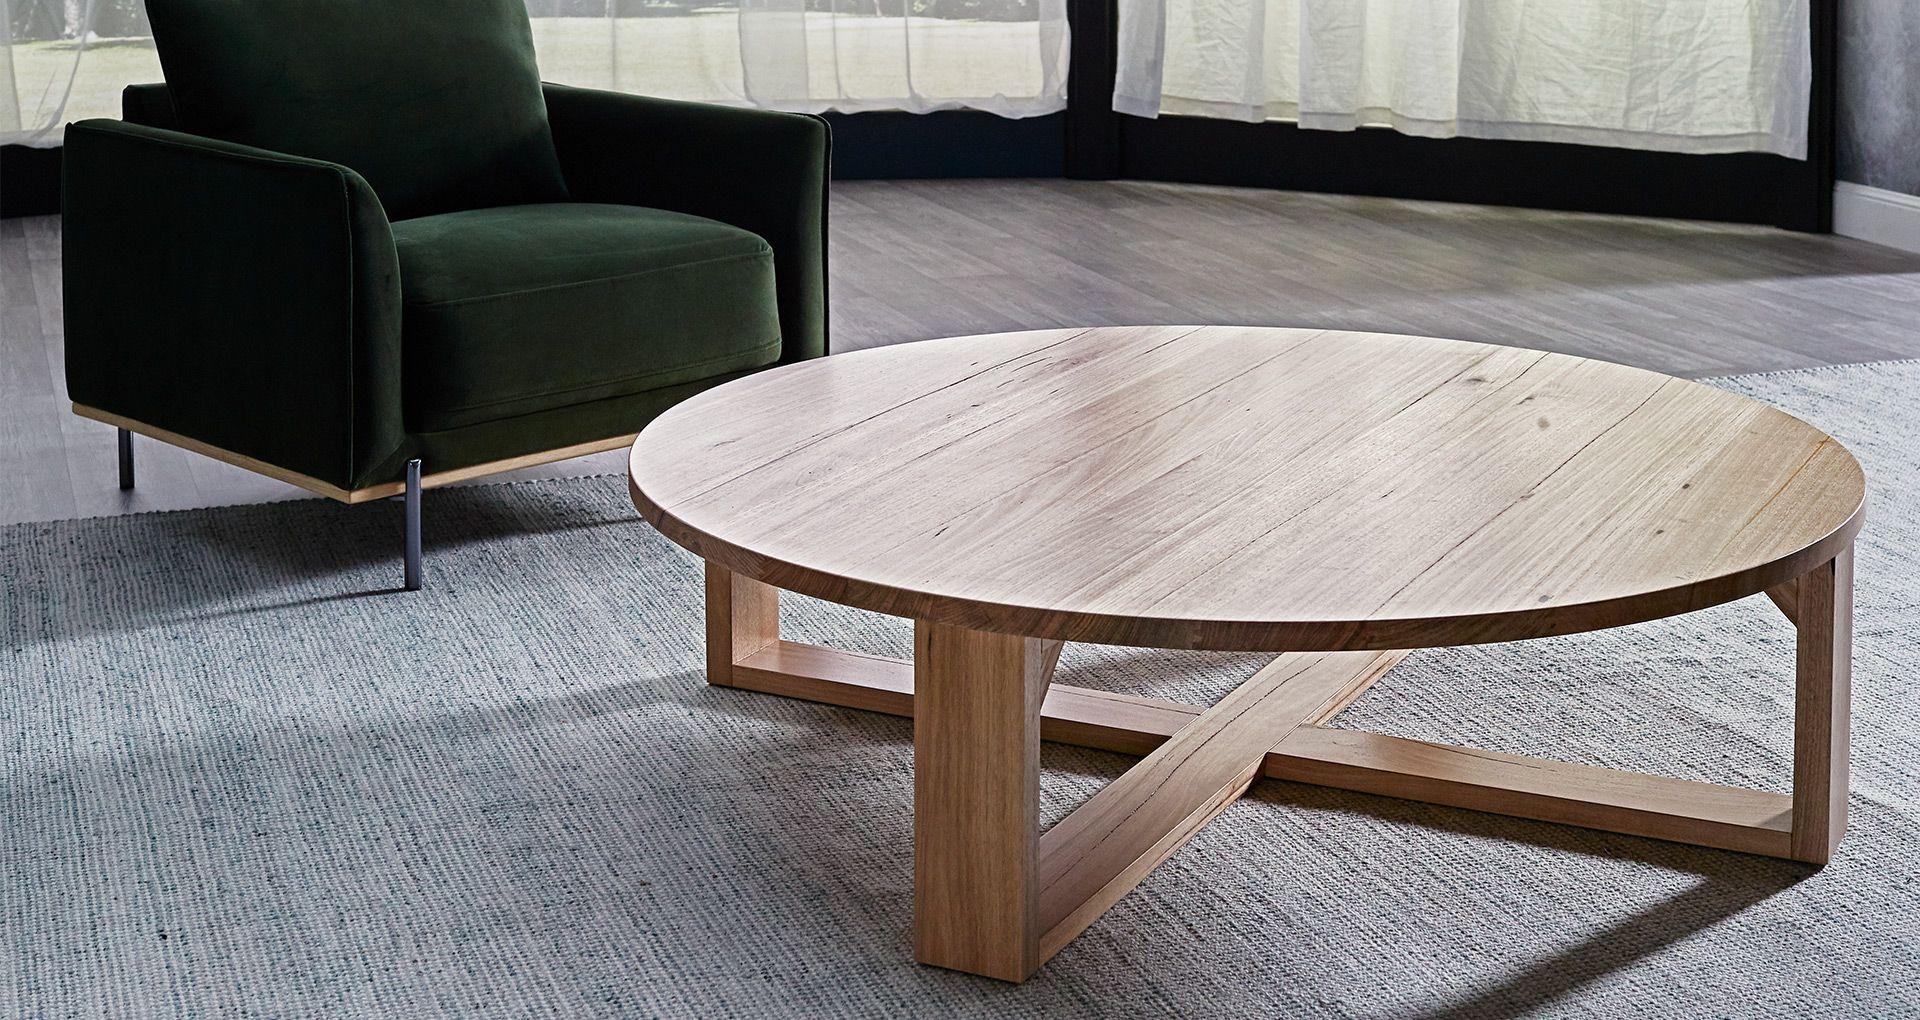 Tanami Nick Scali Coffee Table Coffee Table Legs Selling Furniture [ 1020 x 1920 Pixel ]